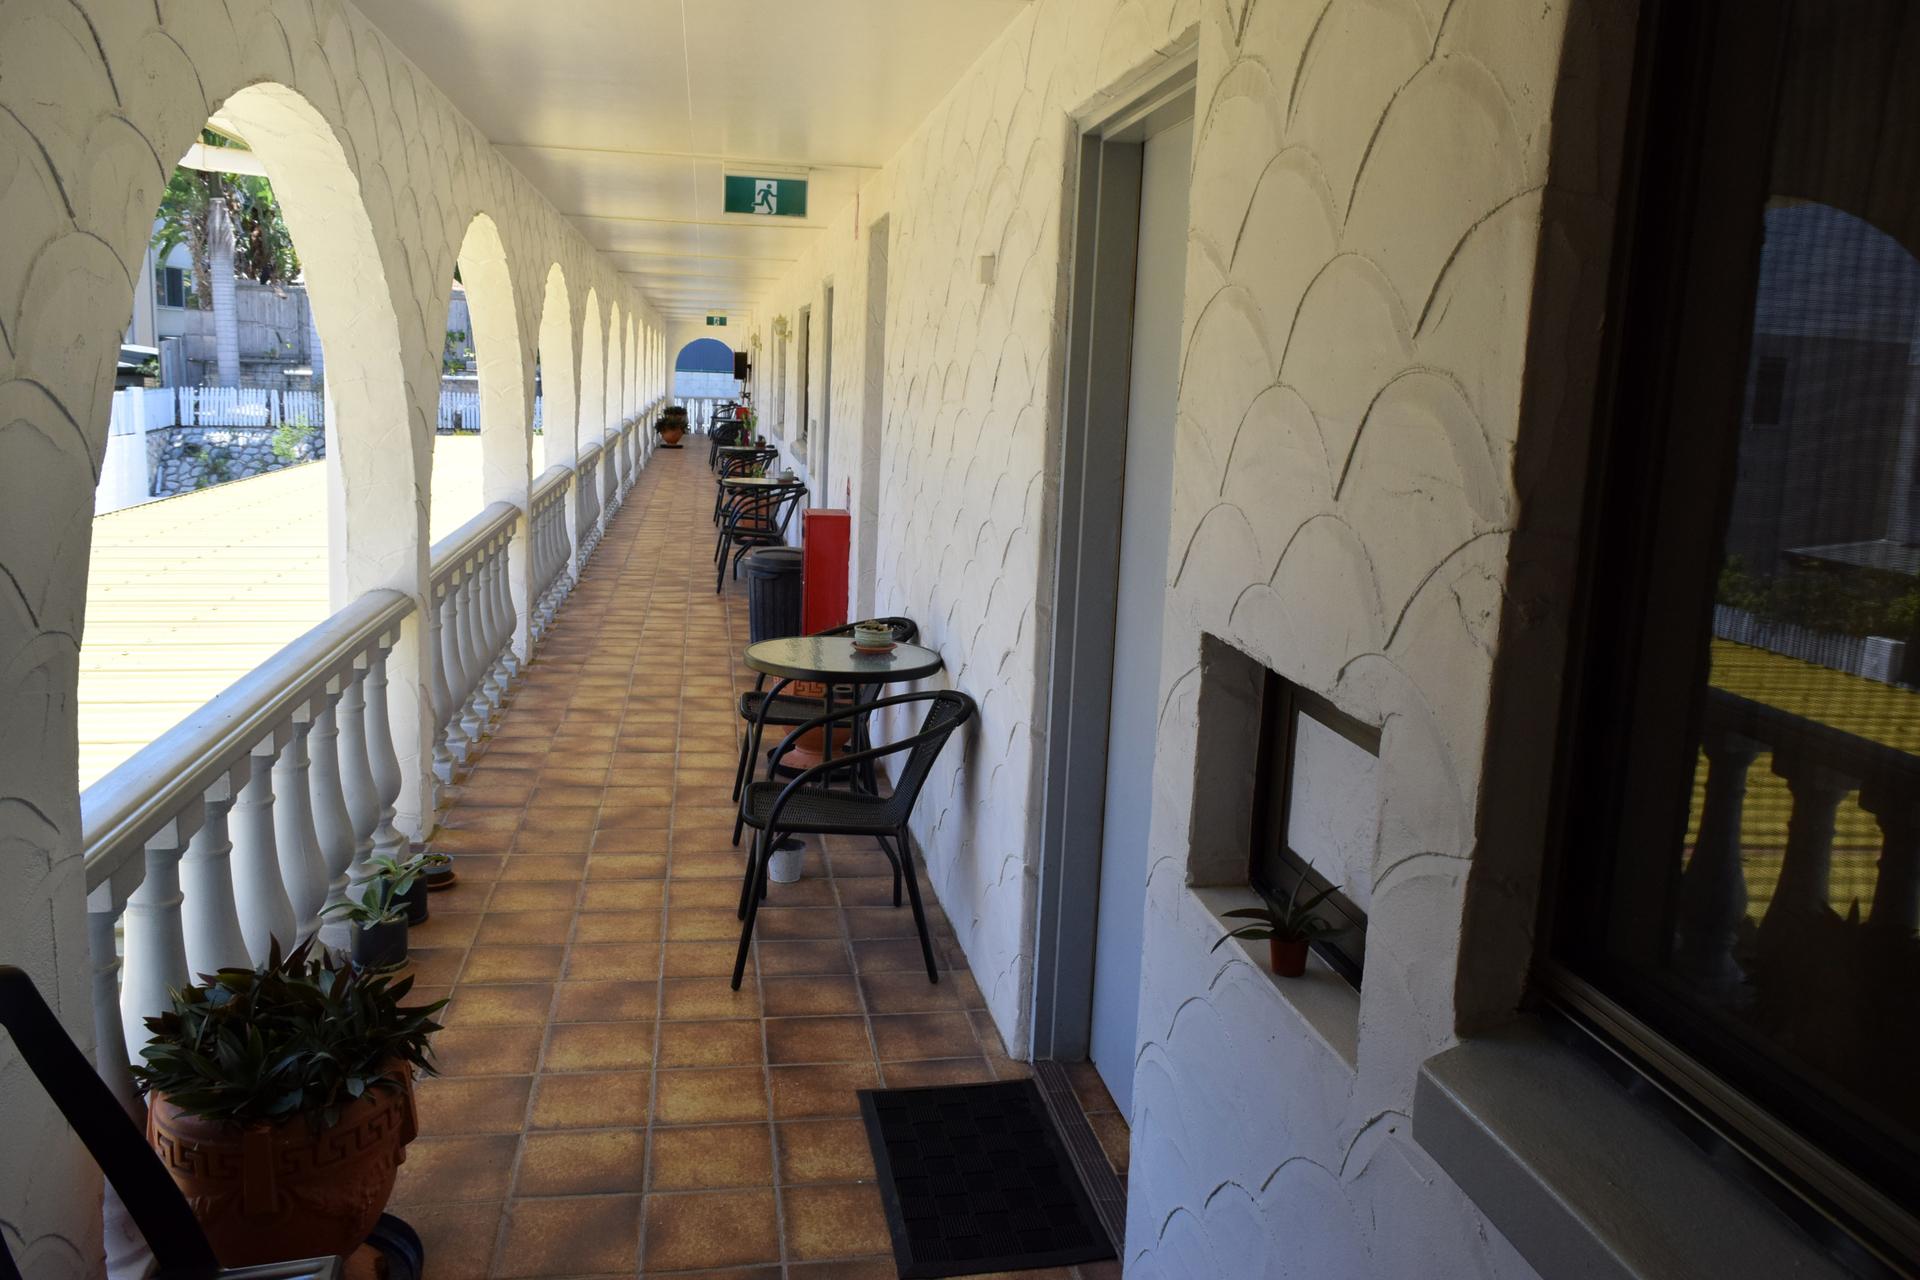 b - Siesta Villa Motel